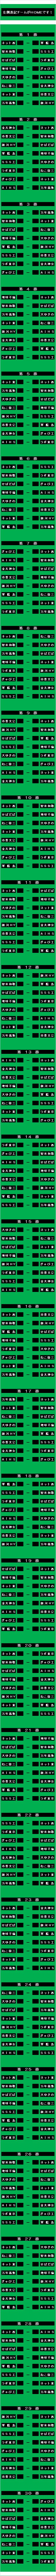 20160816・ダルマンリーグ第1節試合前対戦相手組み合わせ表.jpg